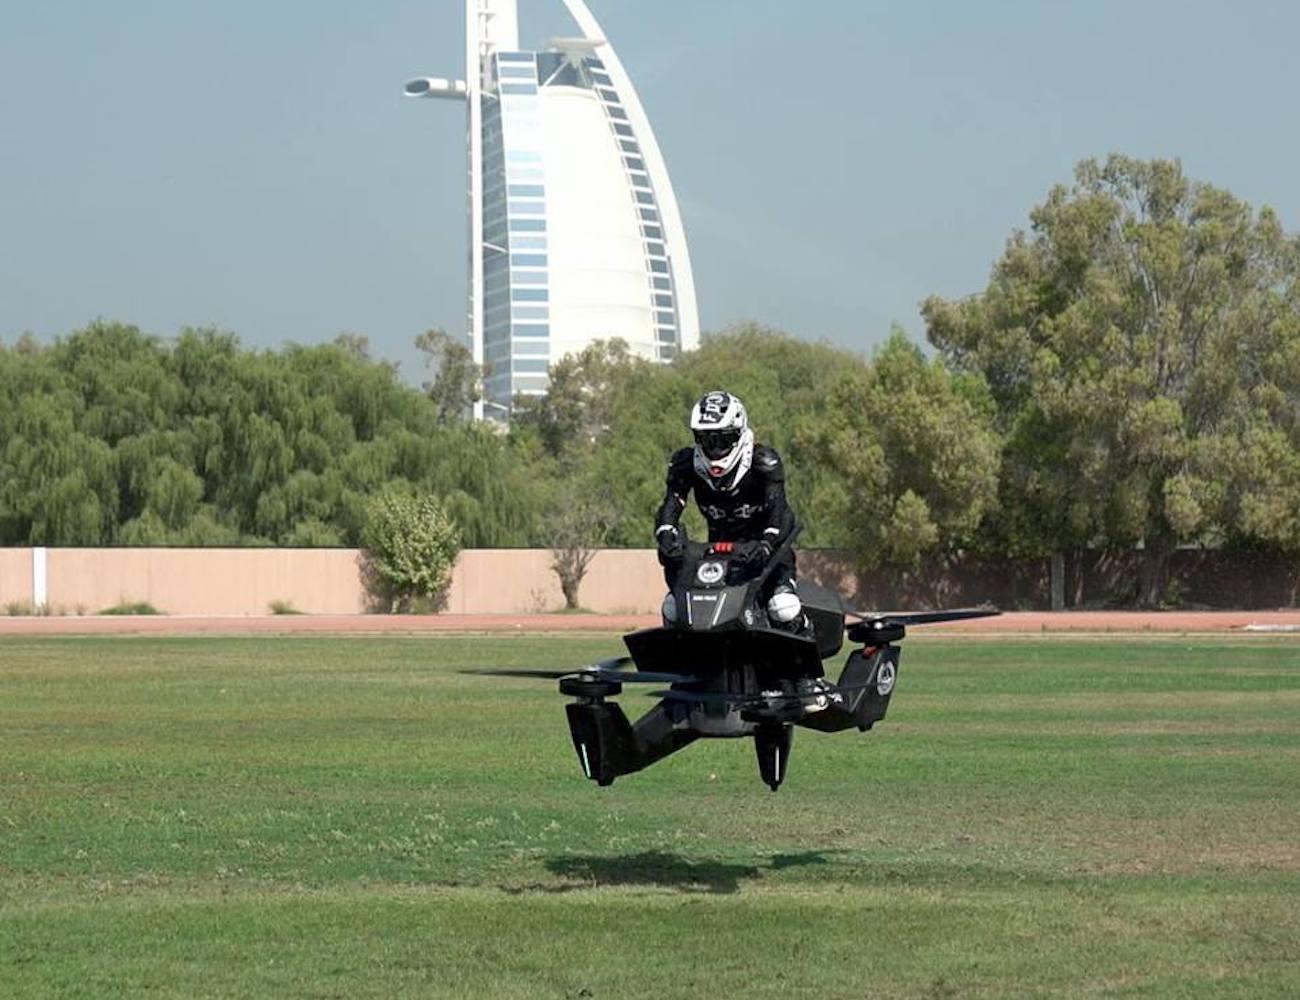 Hoversurf S3 eVTOL Hovebike Drone